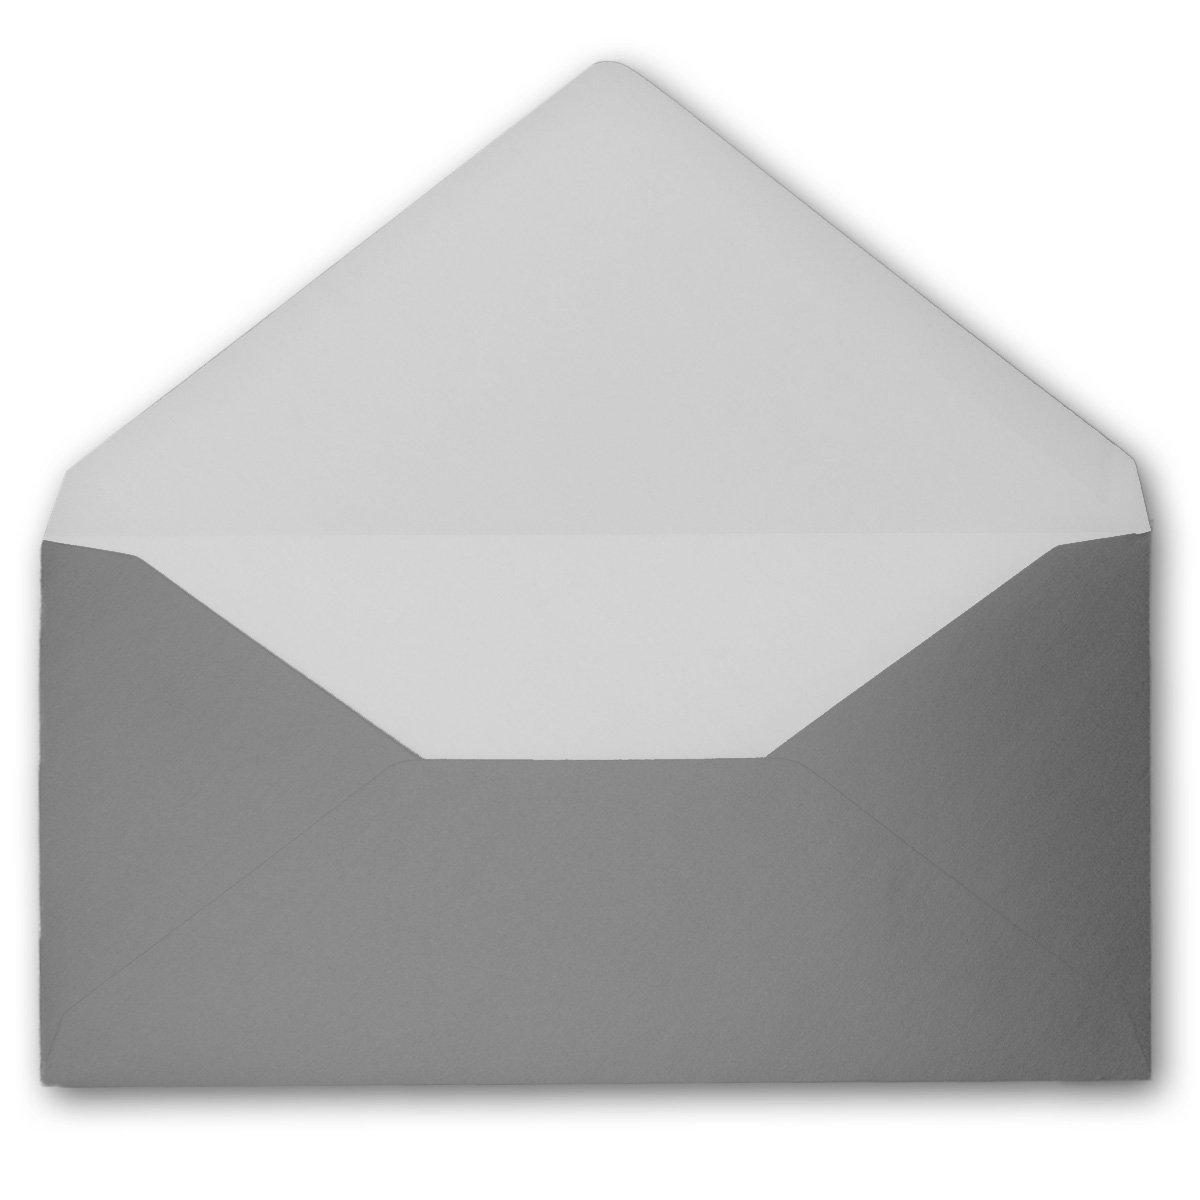 250 Brief-Umschläge Bronze Bronze Bronze Metallic DIN Lang - 110 x 220 mm (11 x 22 cm) - Nassklebung ohne Fenster - Ideal für Einladungs-Karten - Serie FarbenFroh® B0784D1ZRJ | Spielzeugwelt, glücklich und grenzenlos  5d02cb